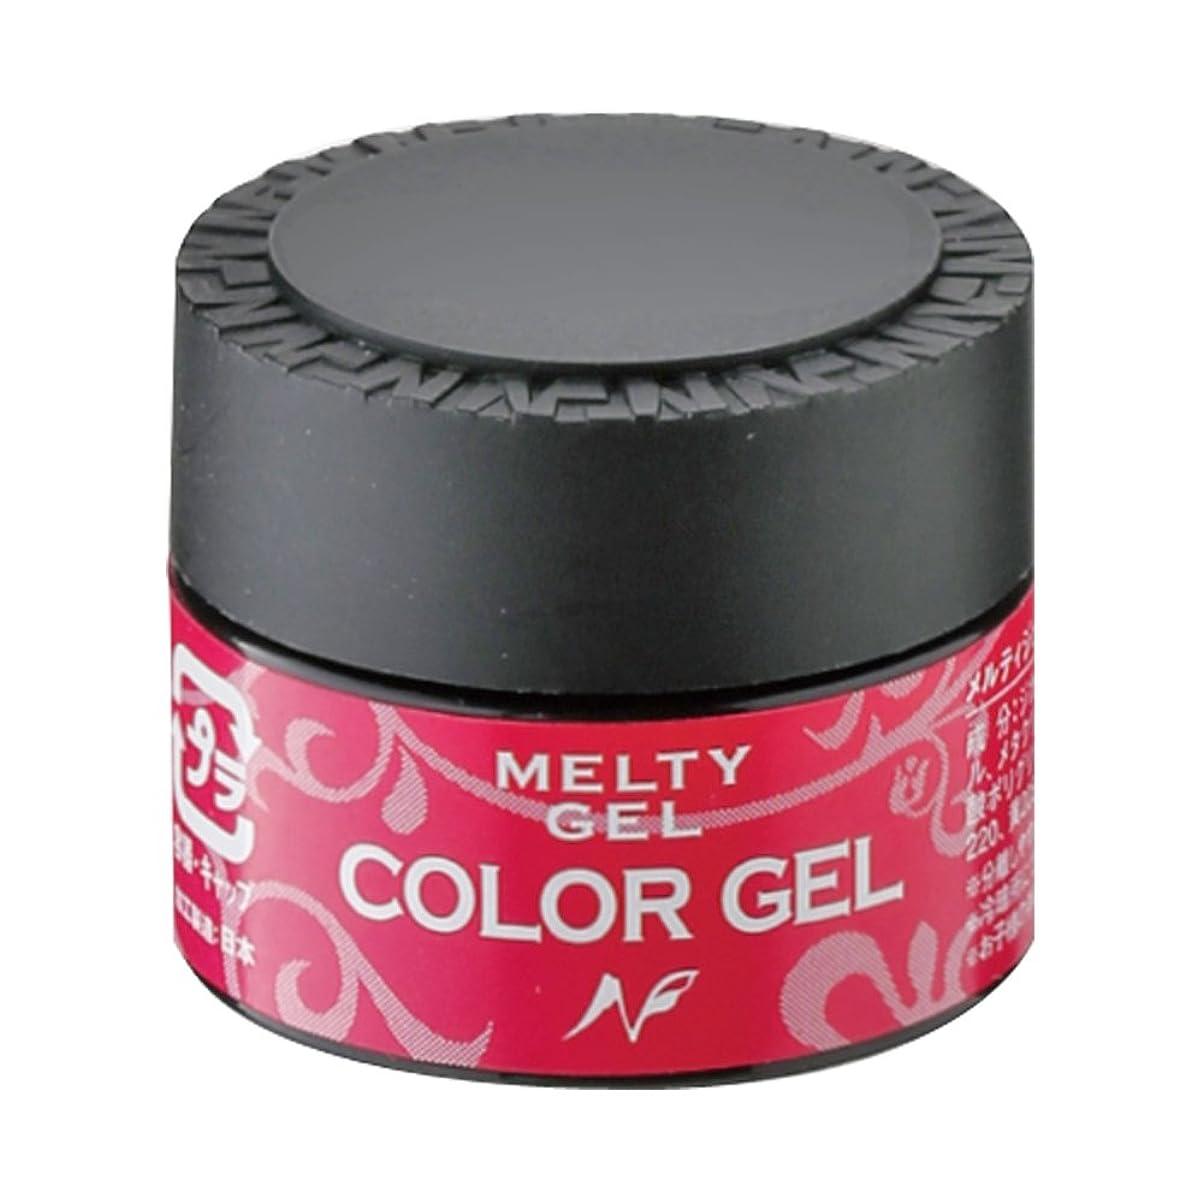 引き渡すスノーケル上院Melty Gel カラージェル B11 スノーホワイト 3g